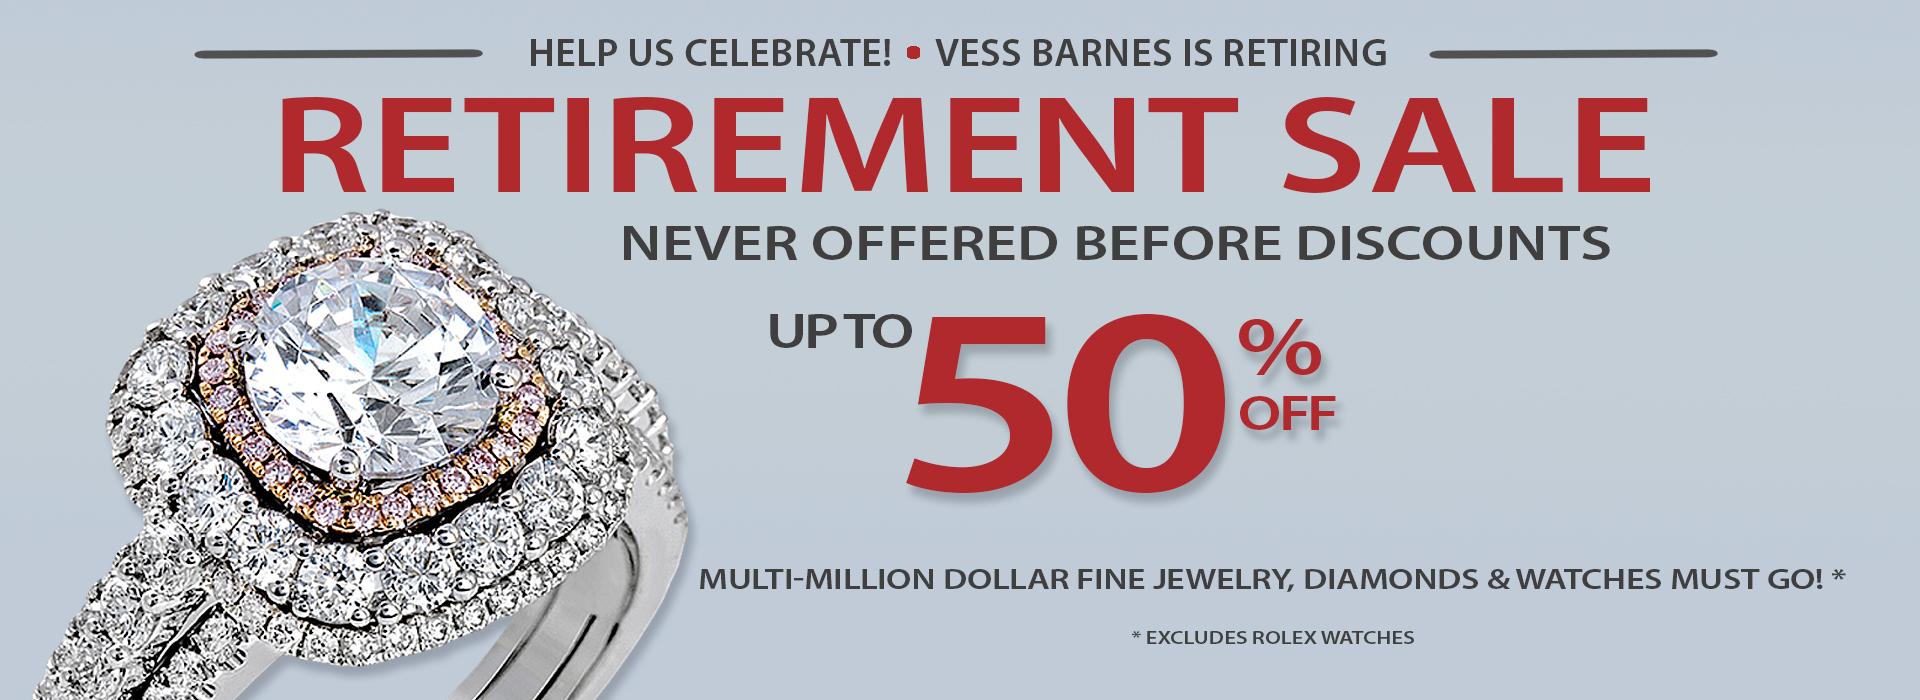 Vess Barnes Retirement Sale!